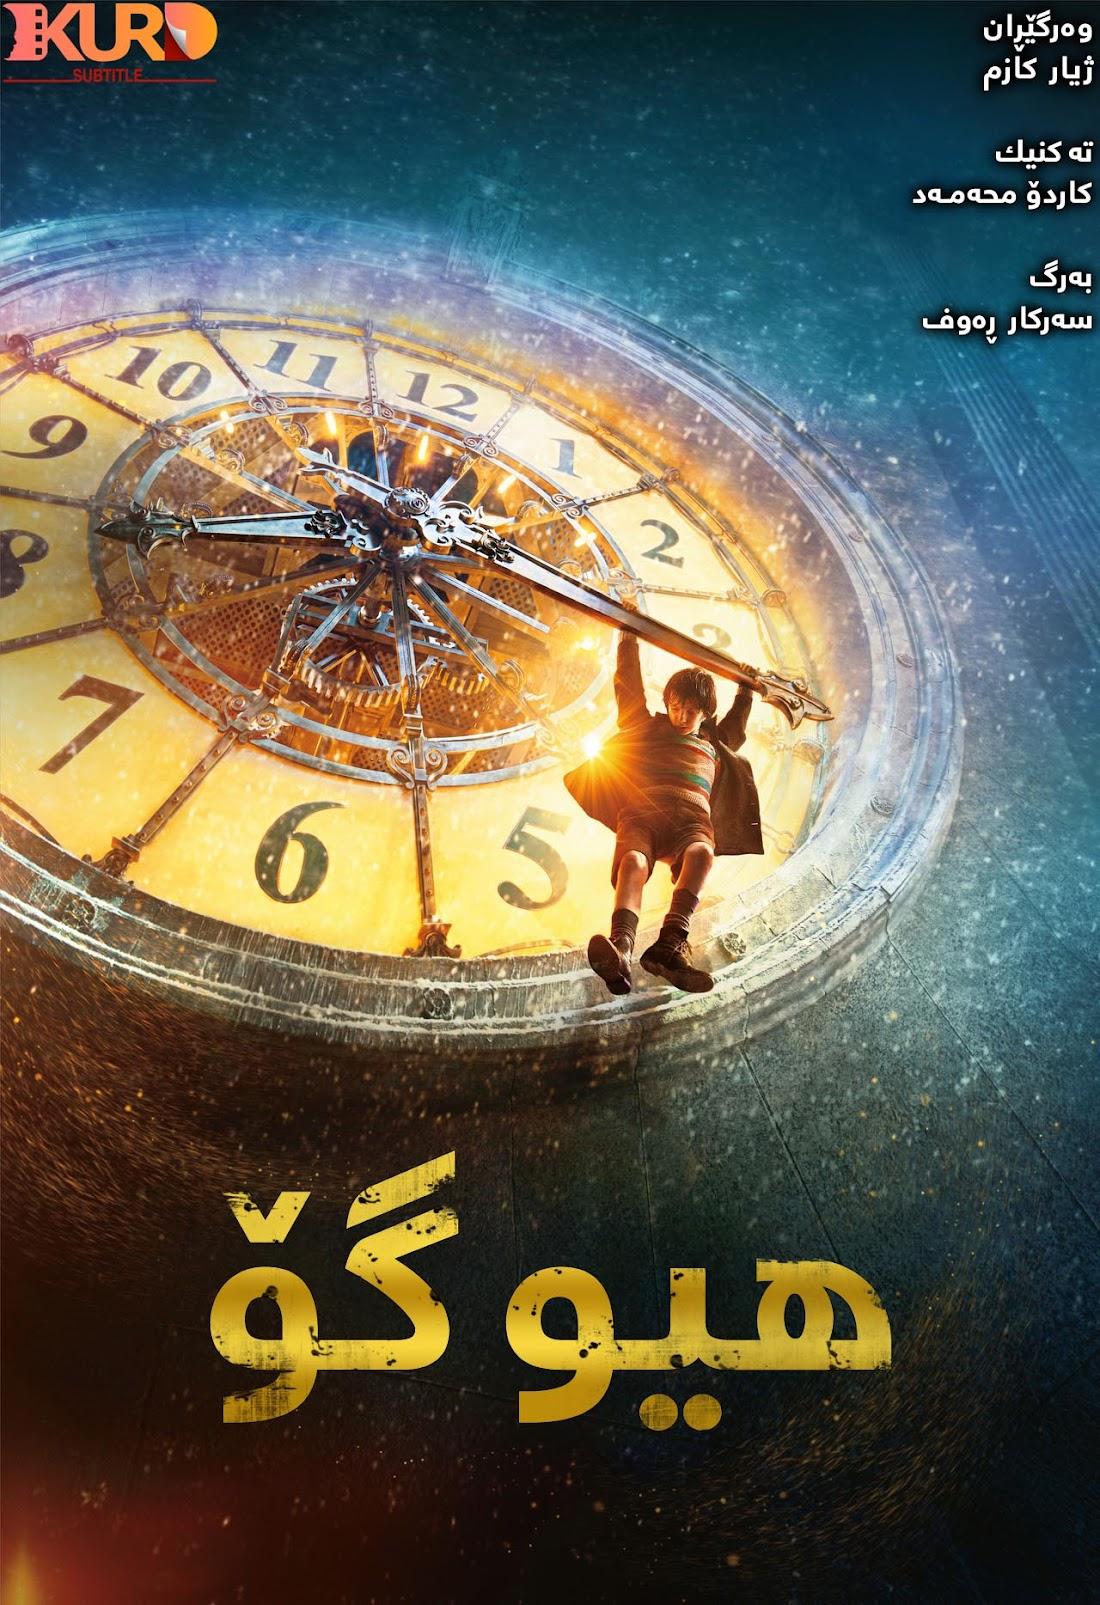 Hugo kurdish poster